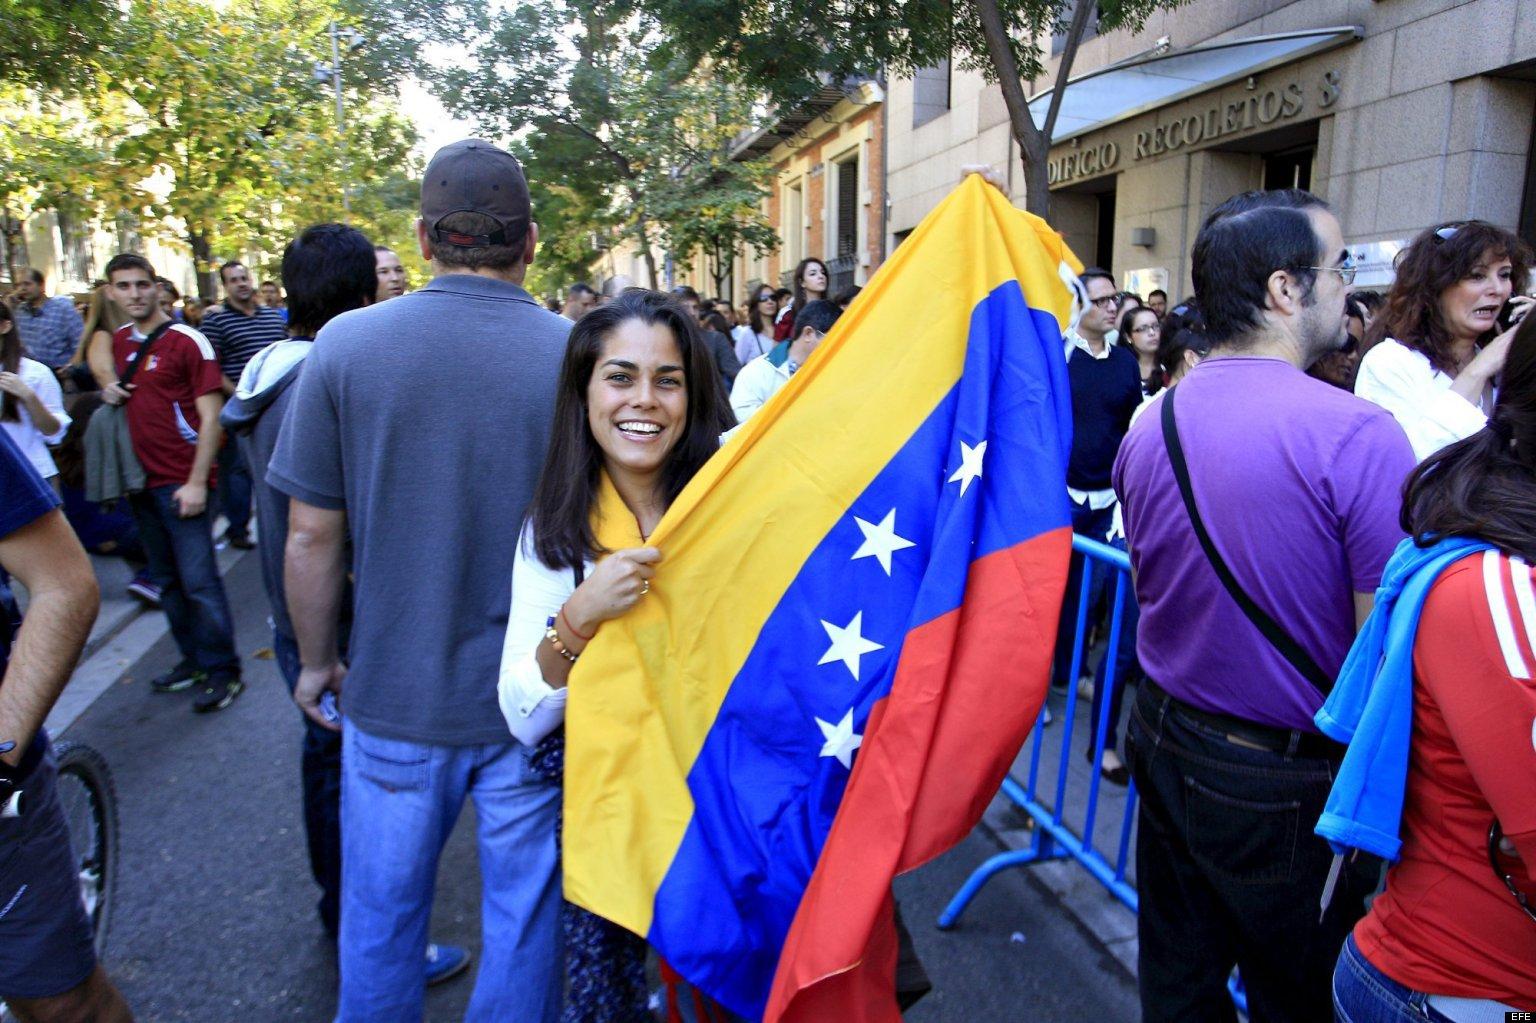 GRA110 MADRID, 07/10/2012.- Un joven venezolana espera para votar en las elecciones presidenciales de su país hoy en Madrid, una de las cinco ciudades donde se puede ejercer el voto, y que con 7.562 inscritos es el mayor centro electoral en España, los venezolanos abarrotaban la sede de la Secretaría General Iberoamericana (SEGIB), donde se han instalado las mesas de votación. EFE/Víctor Lerena